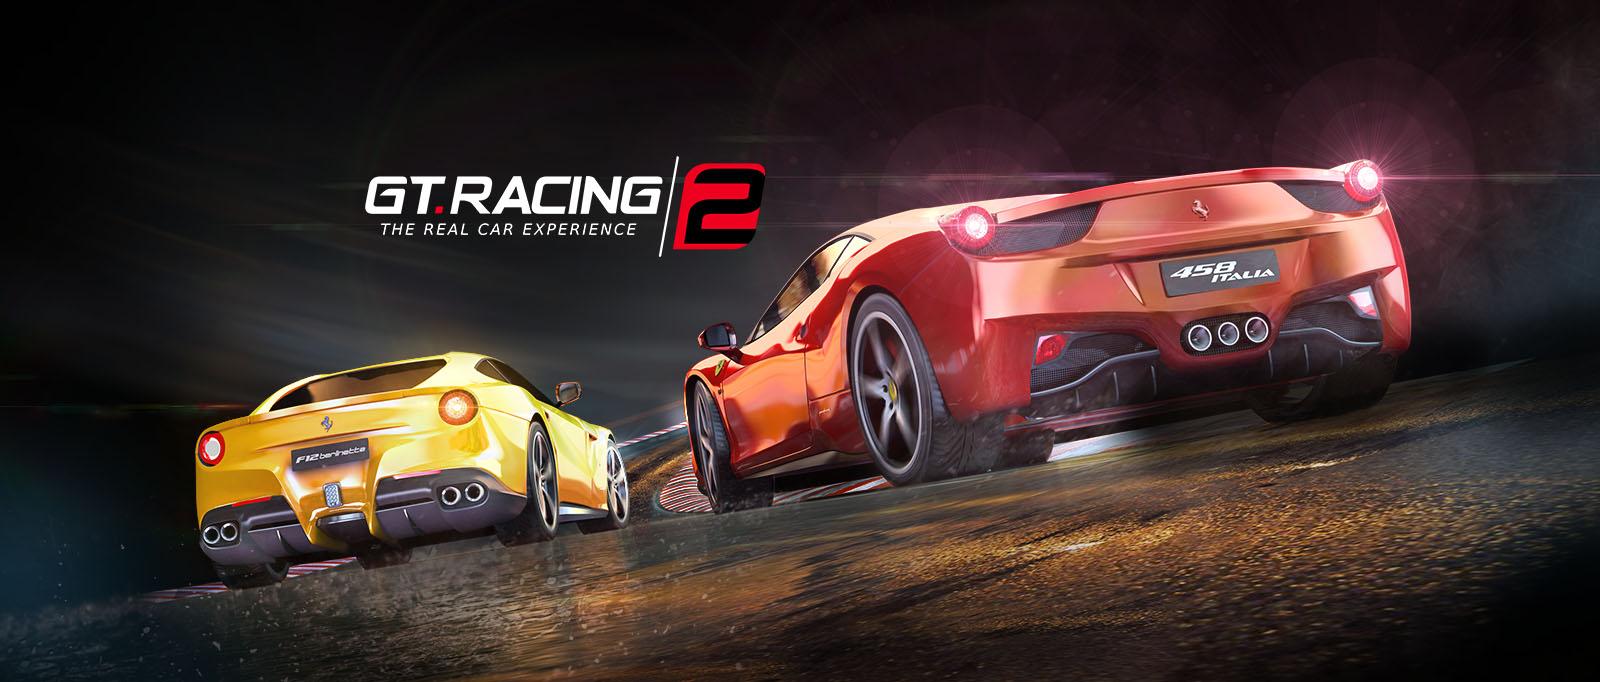 Gameloft Car Racing Game